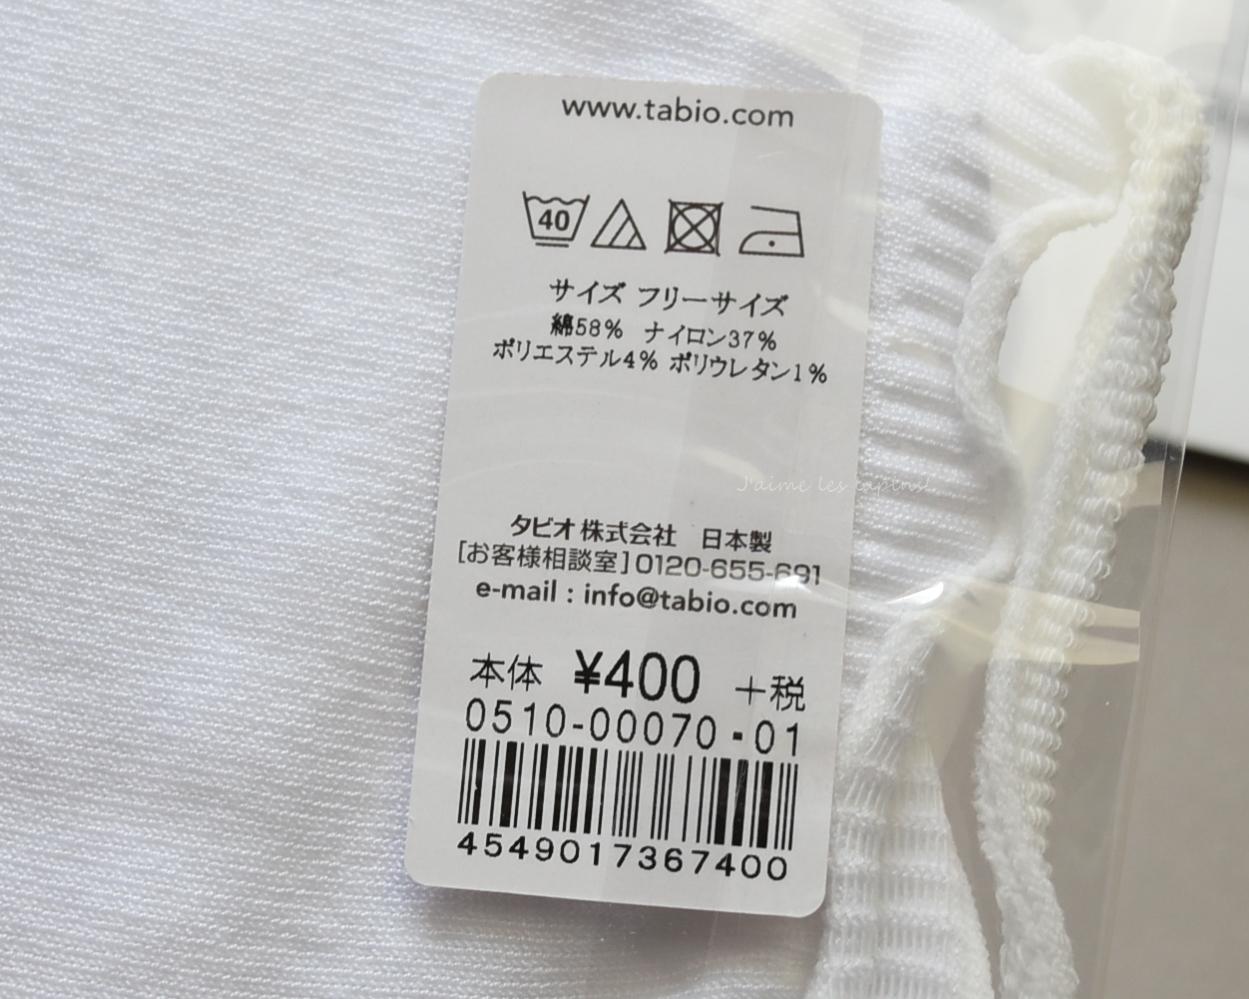 靴下屋のマスクの商品タグ